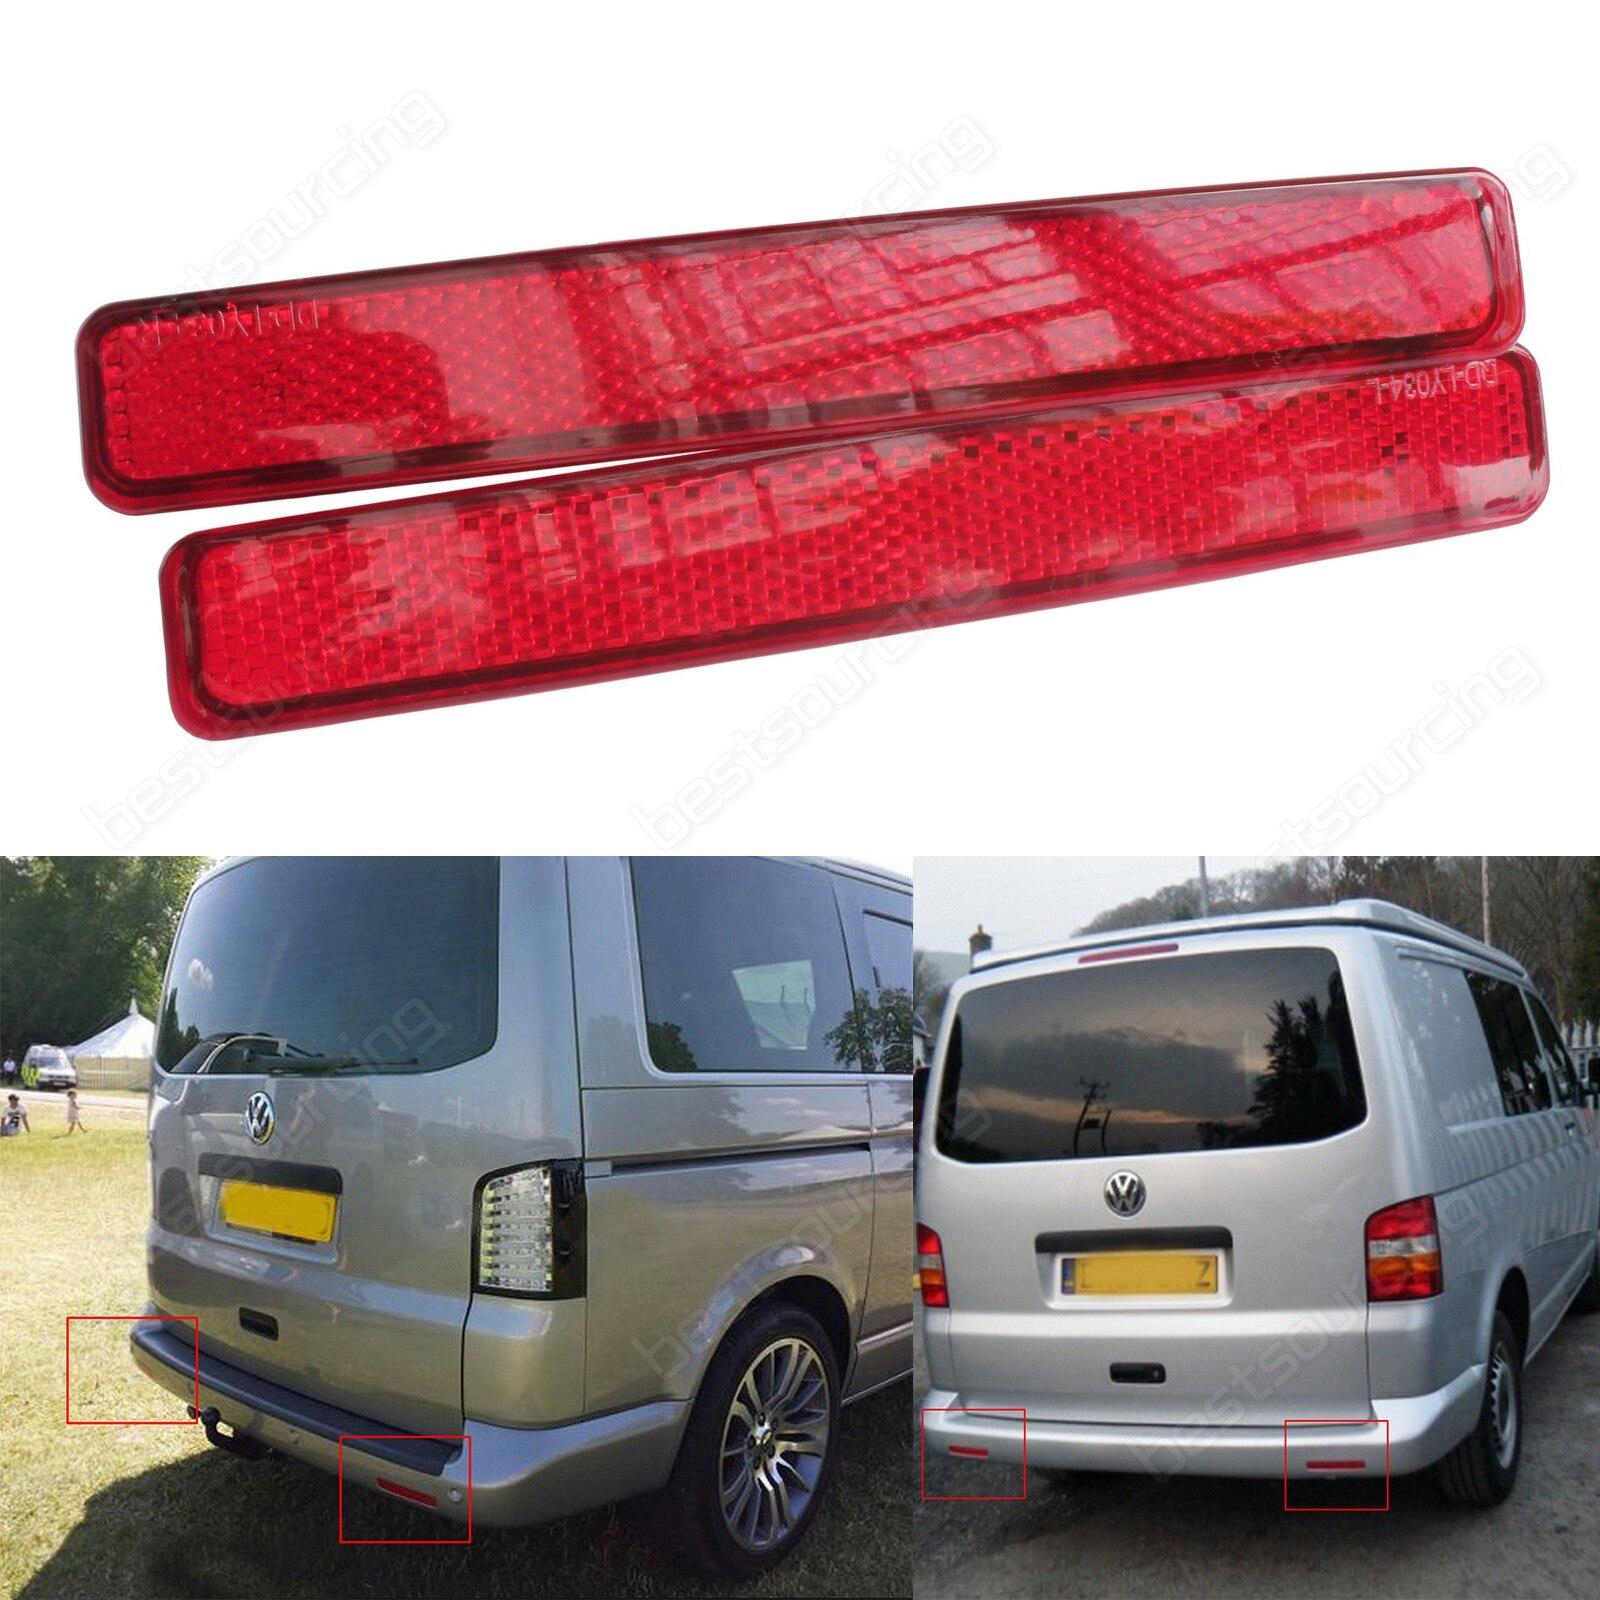 Angrong 2x para vw transporter t5 2003-11 multivan vermelho amortecedor traseiro refletor luz esquerda direita